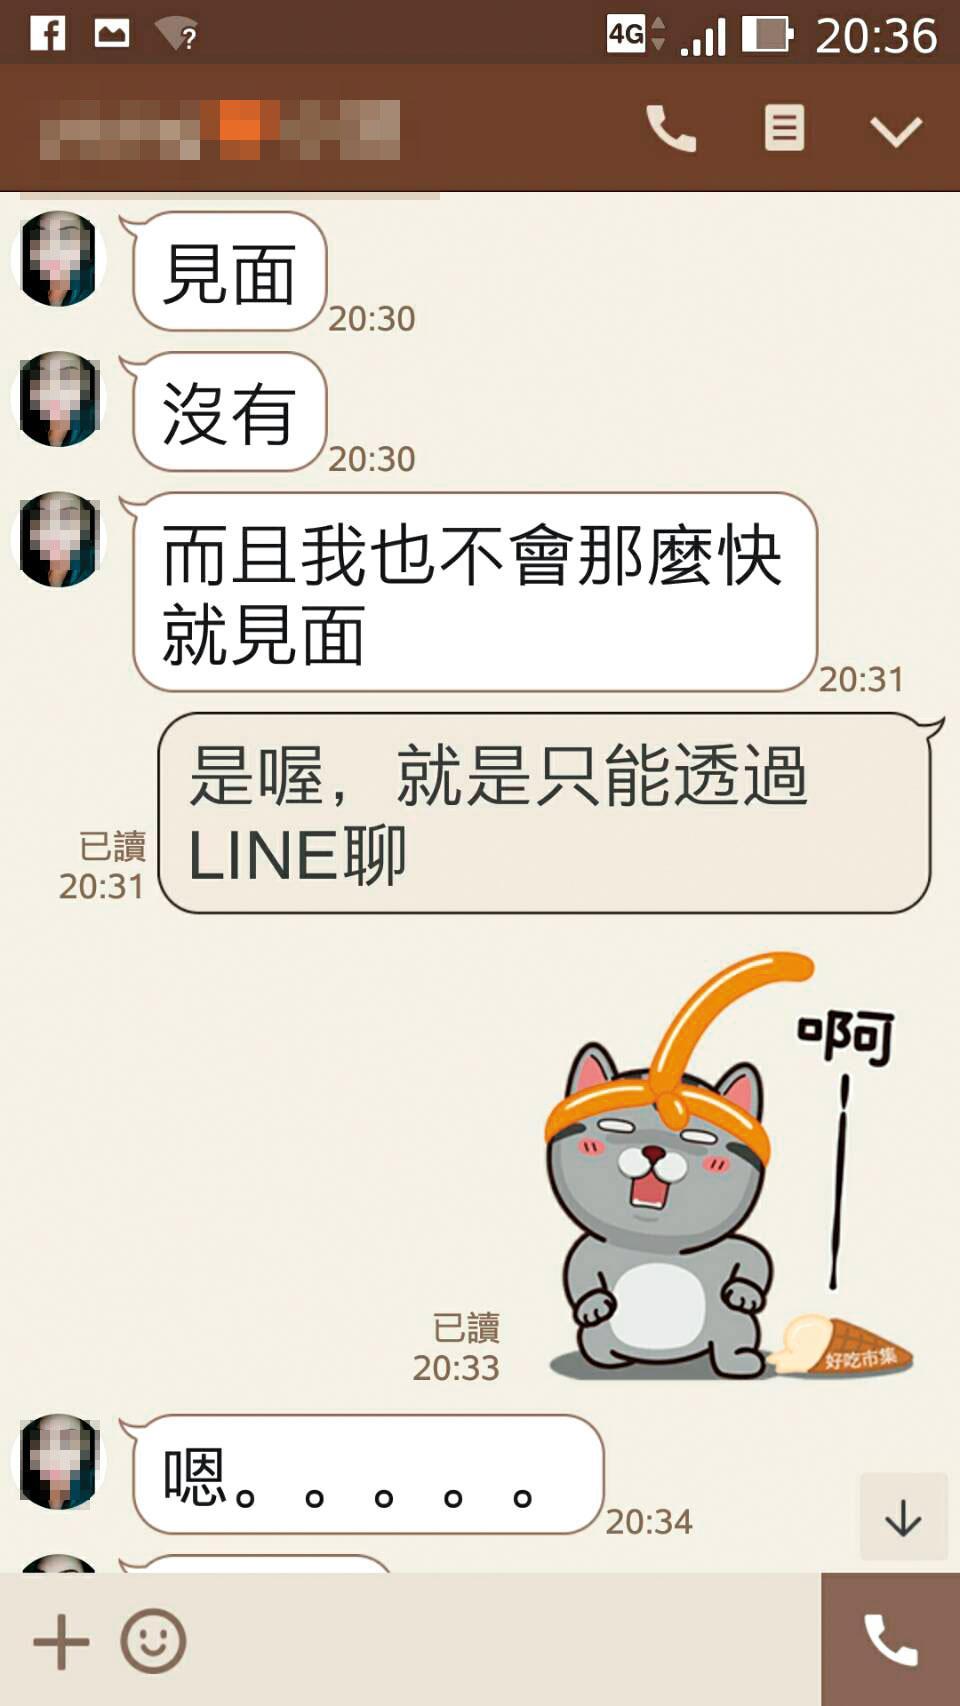 小盈透過Line表明,只能透過通訊軟體聊天,「不會那麼快見面」。